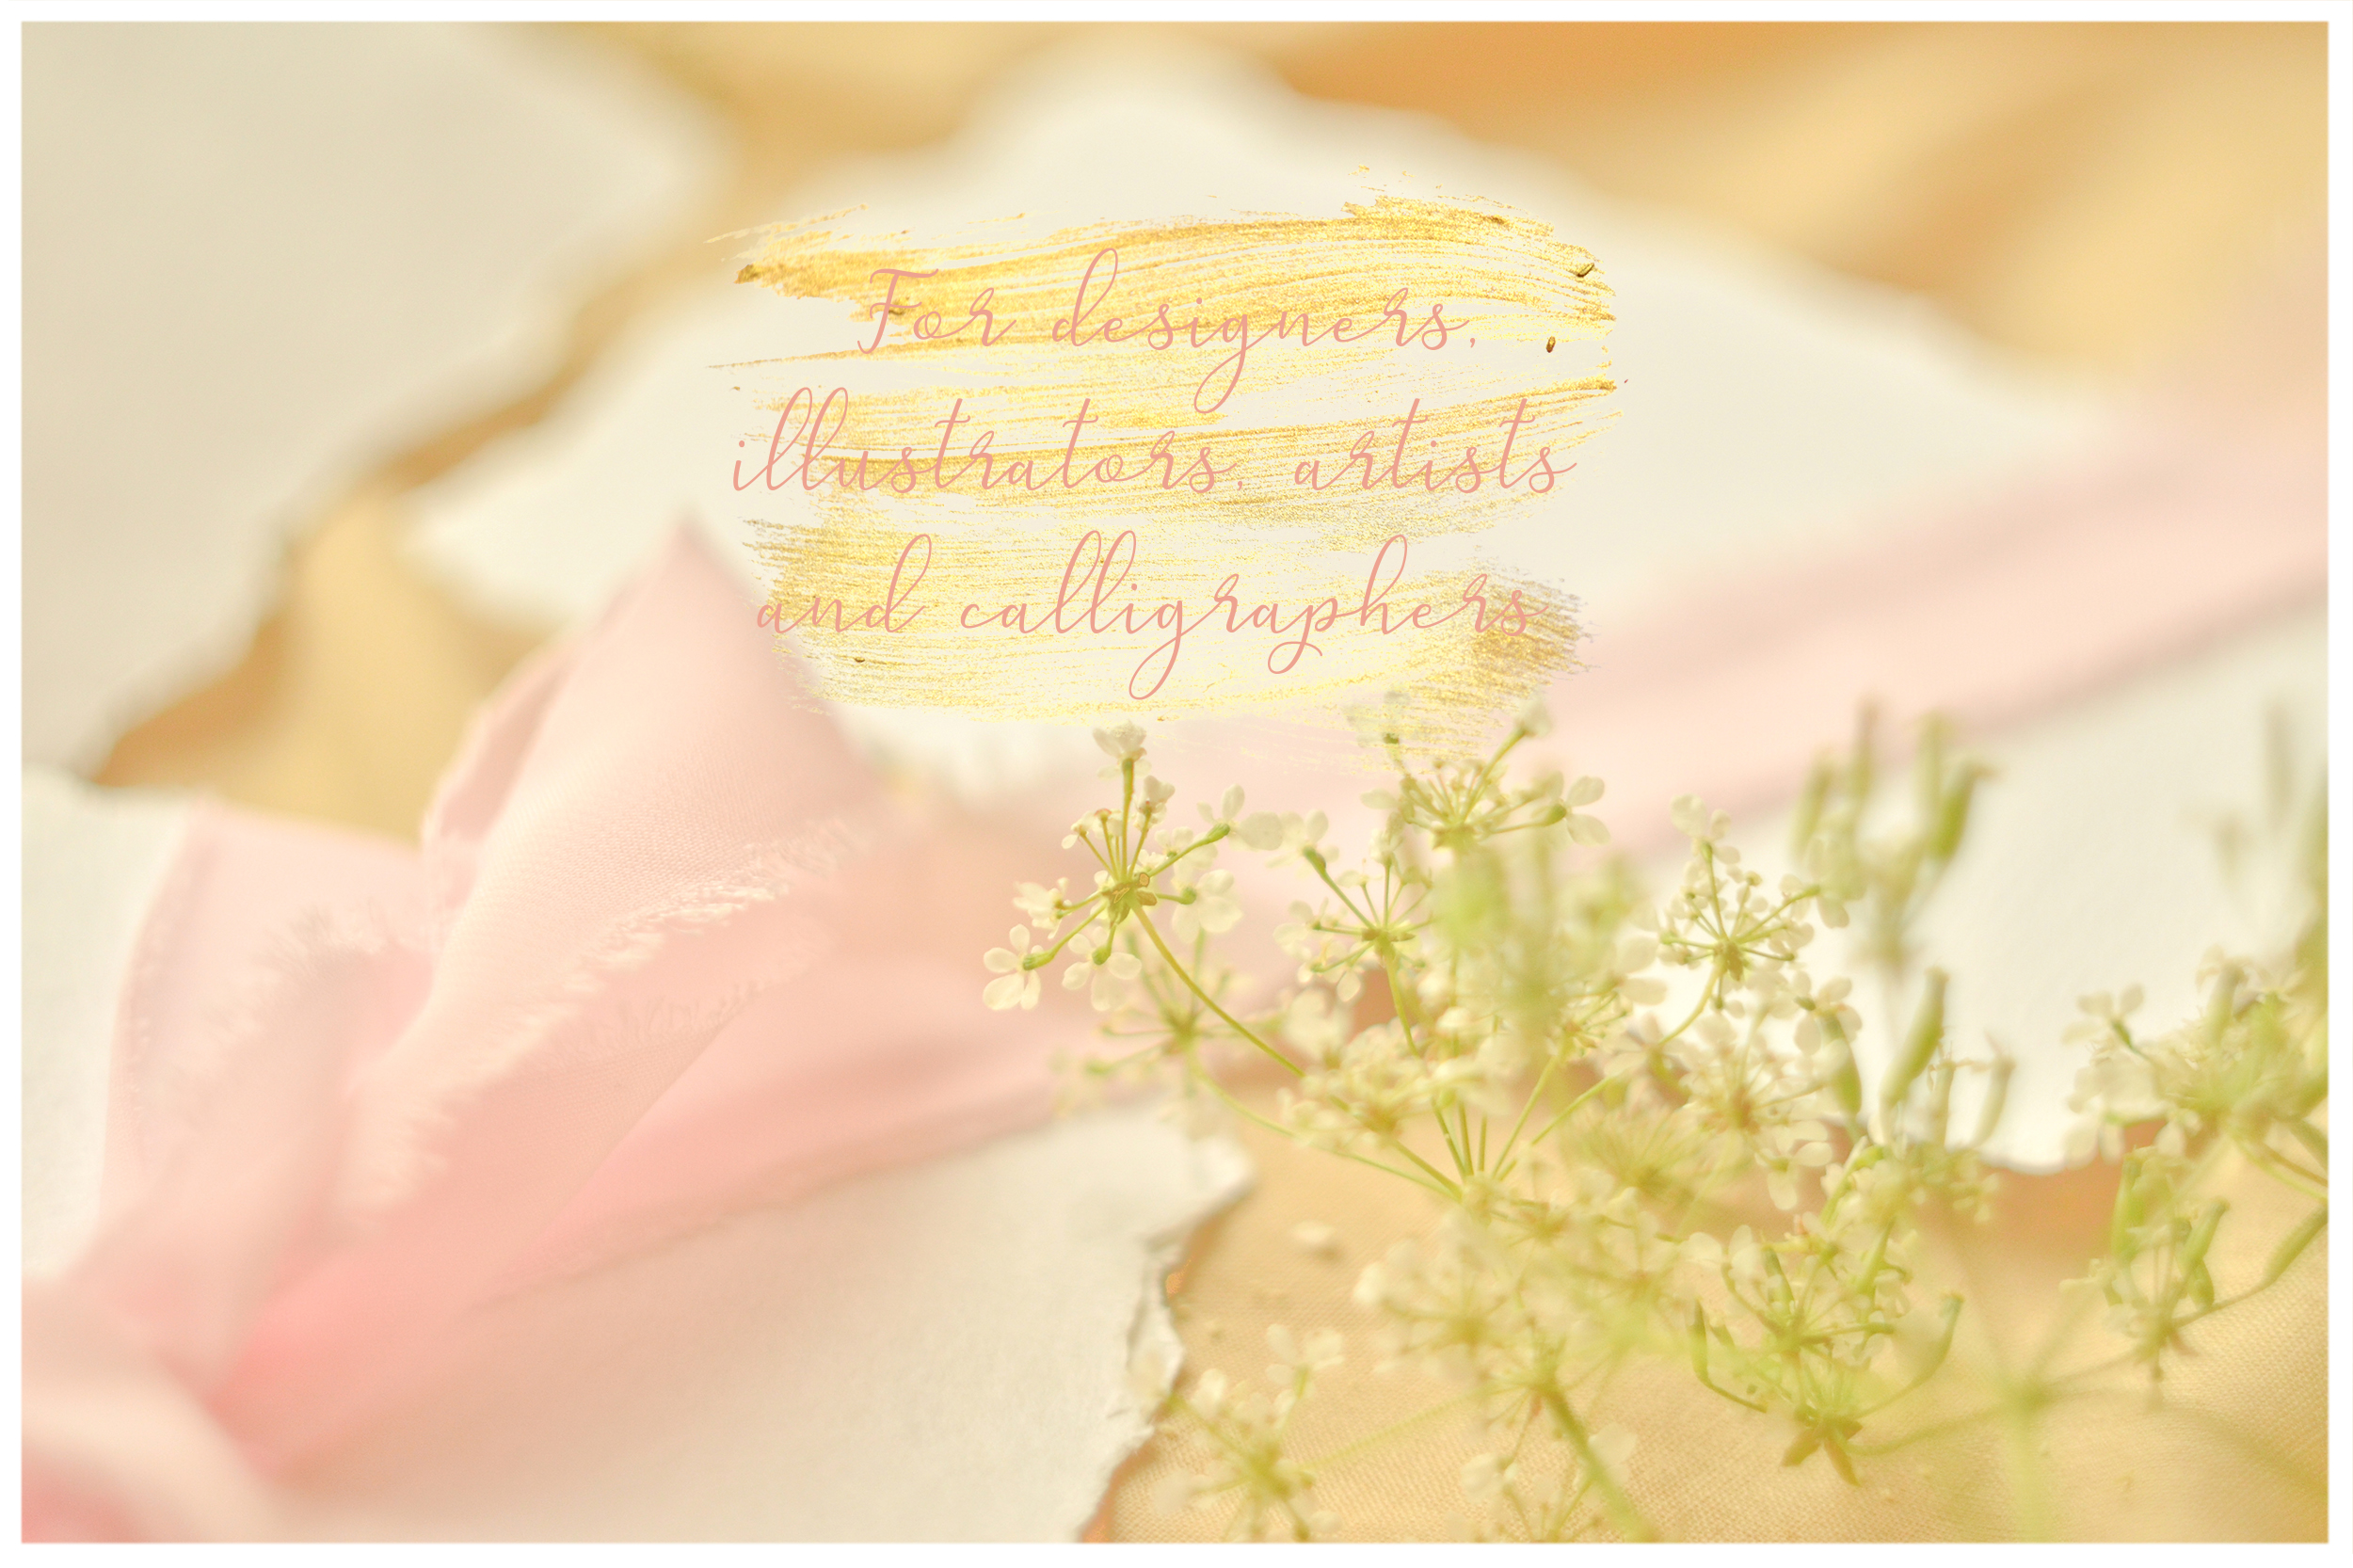 Honey Meadow. Wedding mockups & stock photo bundle example image 11